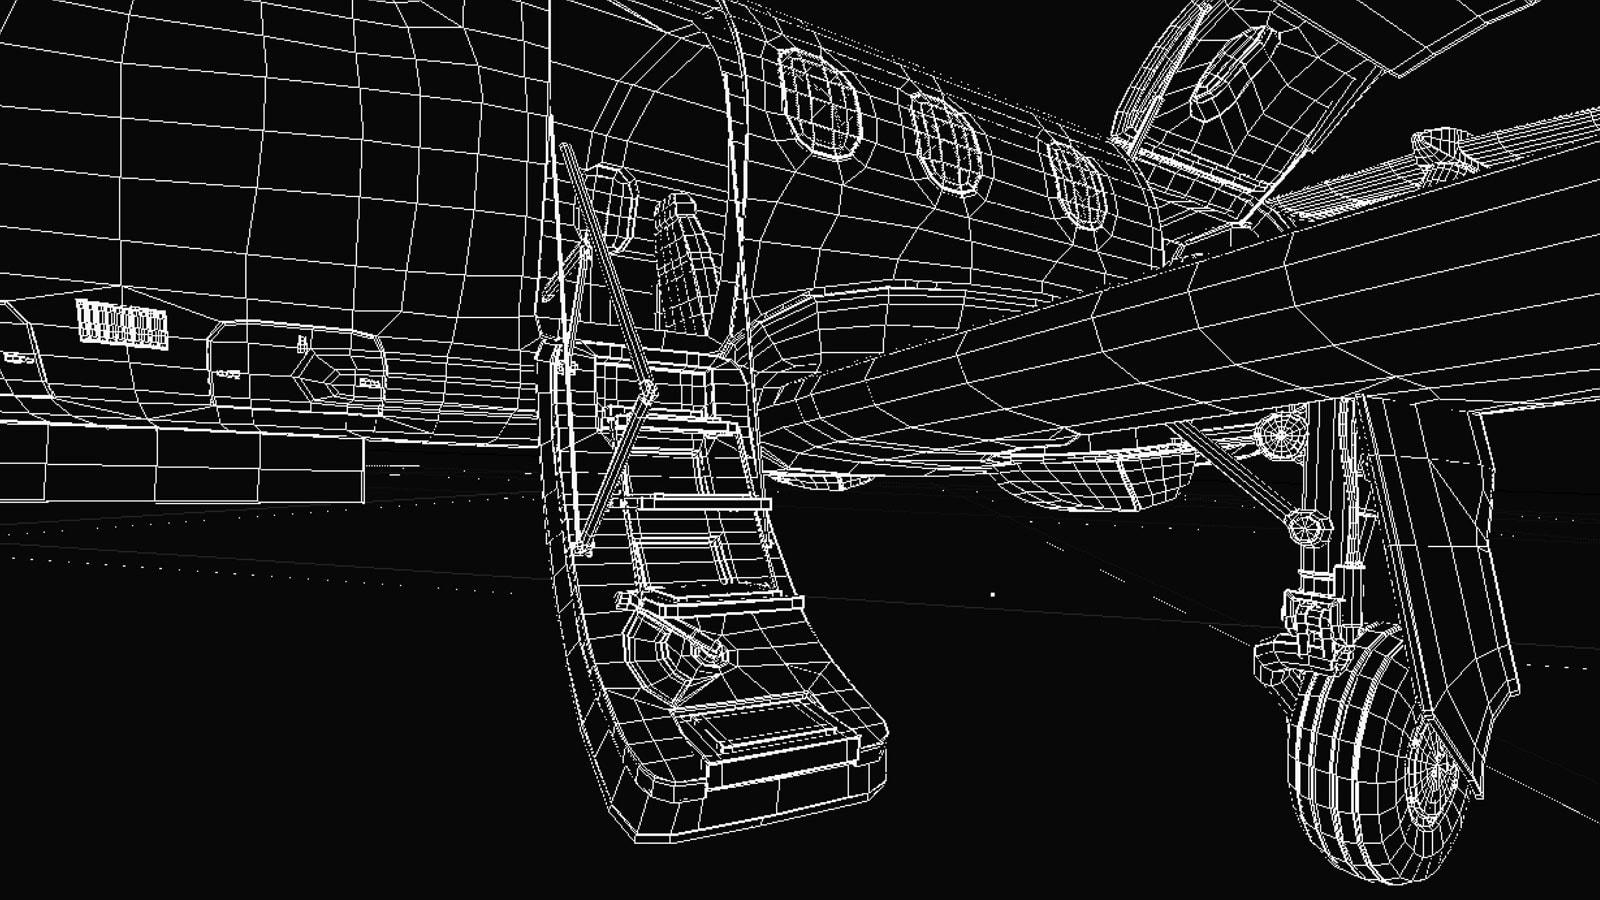 2016 Pilatus Concept Render Girraphic 6